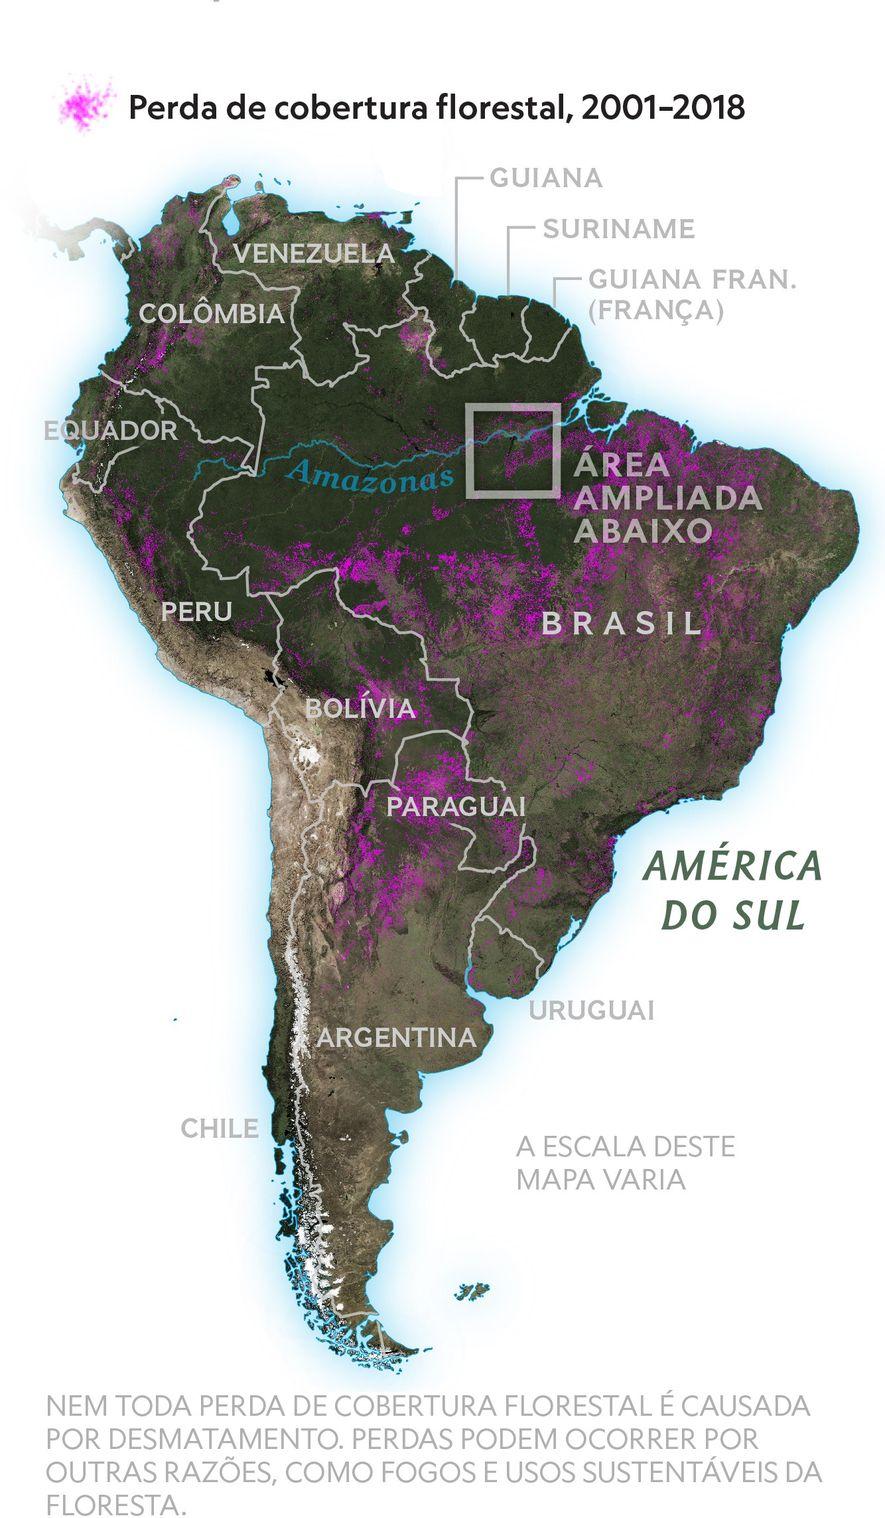 Liderando o desmatamento mundial Dos países que perderam mais floresta desde 2001, quatro estão localizados na América do Sul. O World Resources Institute, que monitora a cobertura florestal em todo o mundo, relata aumento do desmatamento no Brasil, Indonésia, Colômbia, Peru e Bolívia.